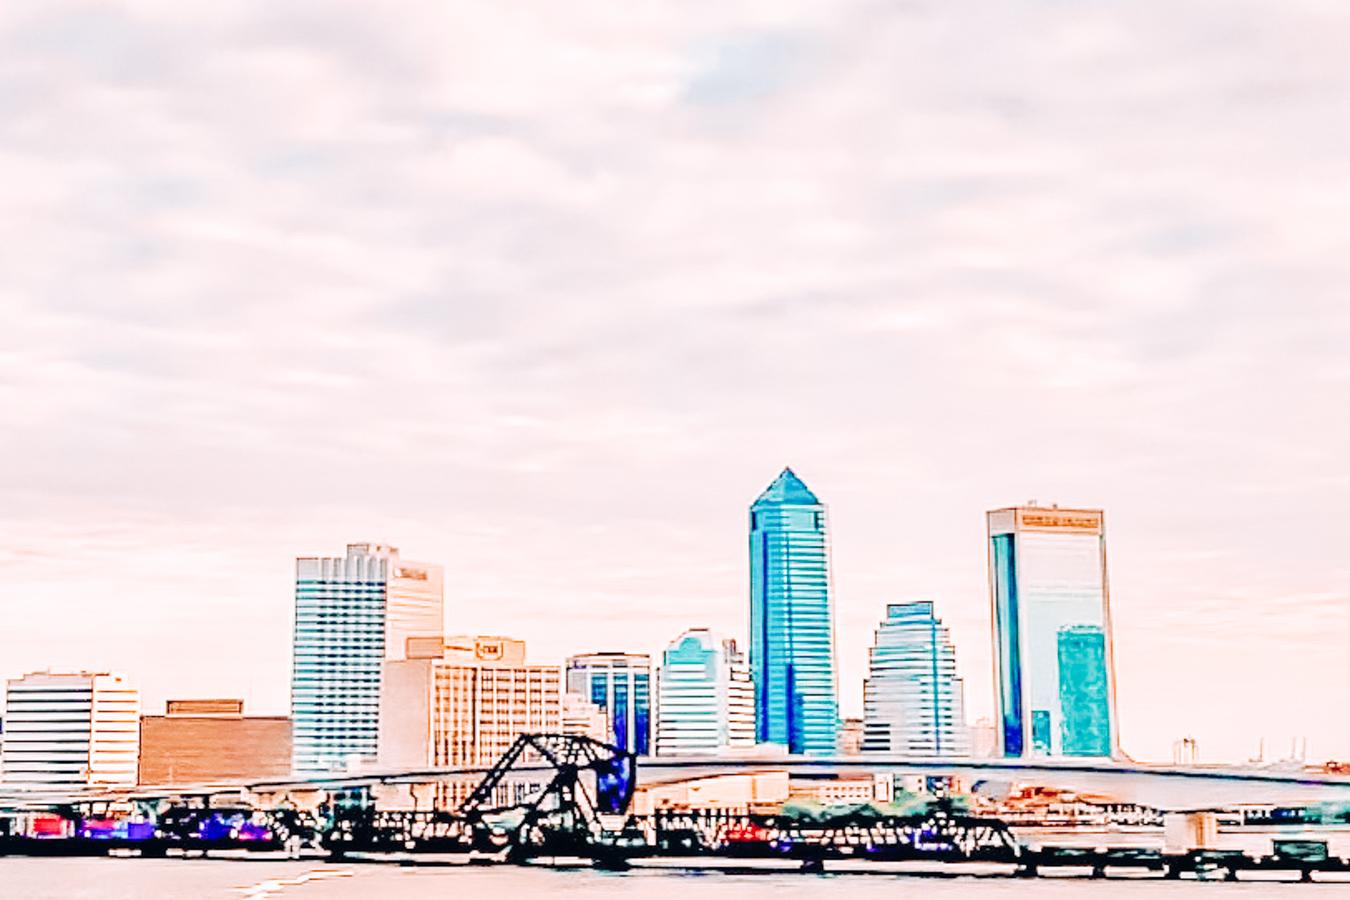 View of buildings in Jacksonville